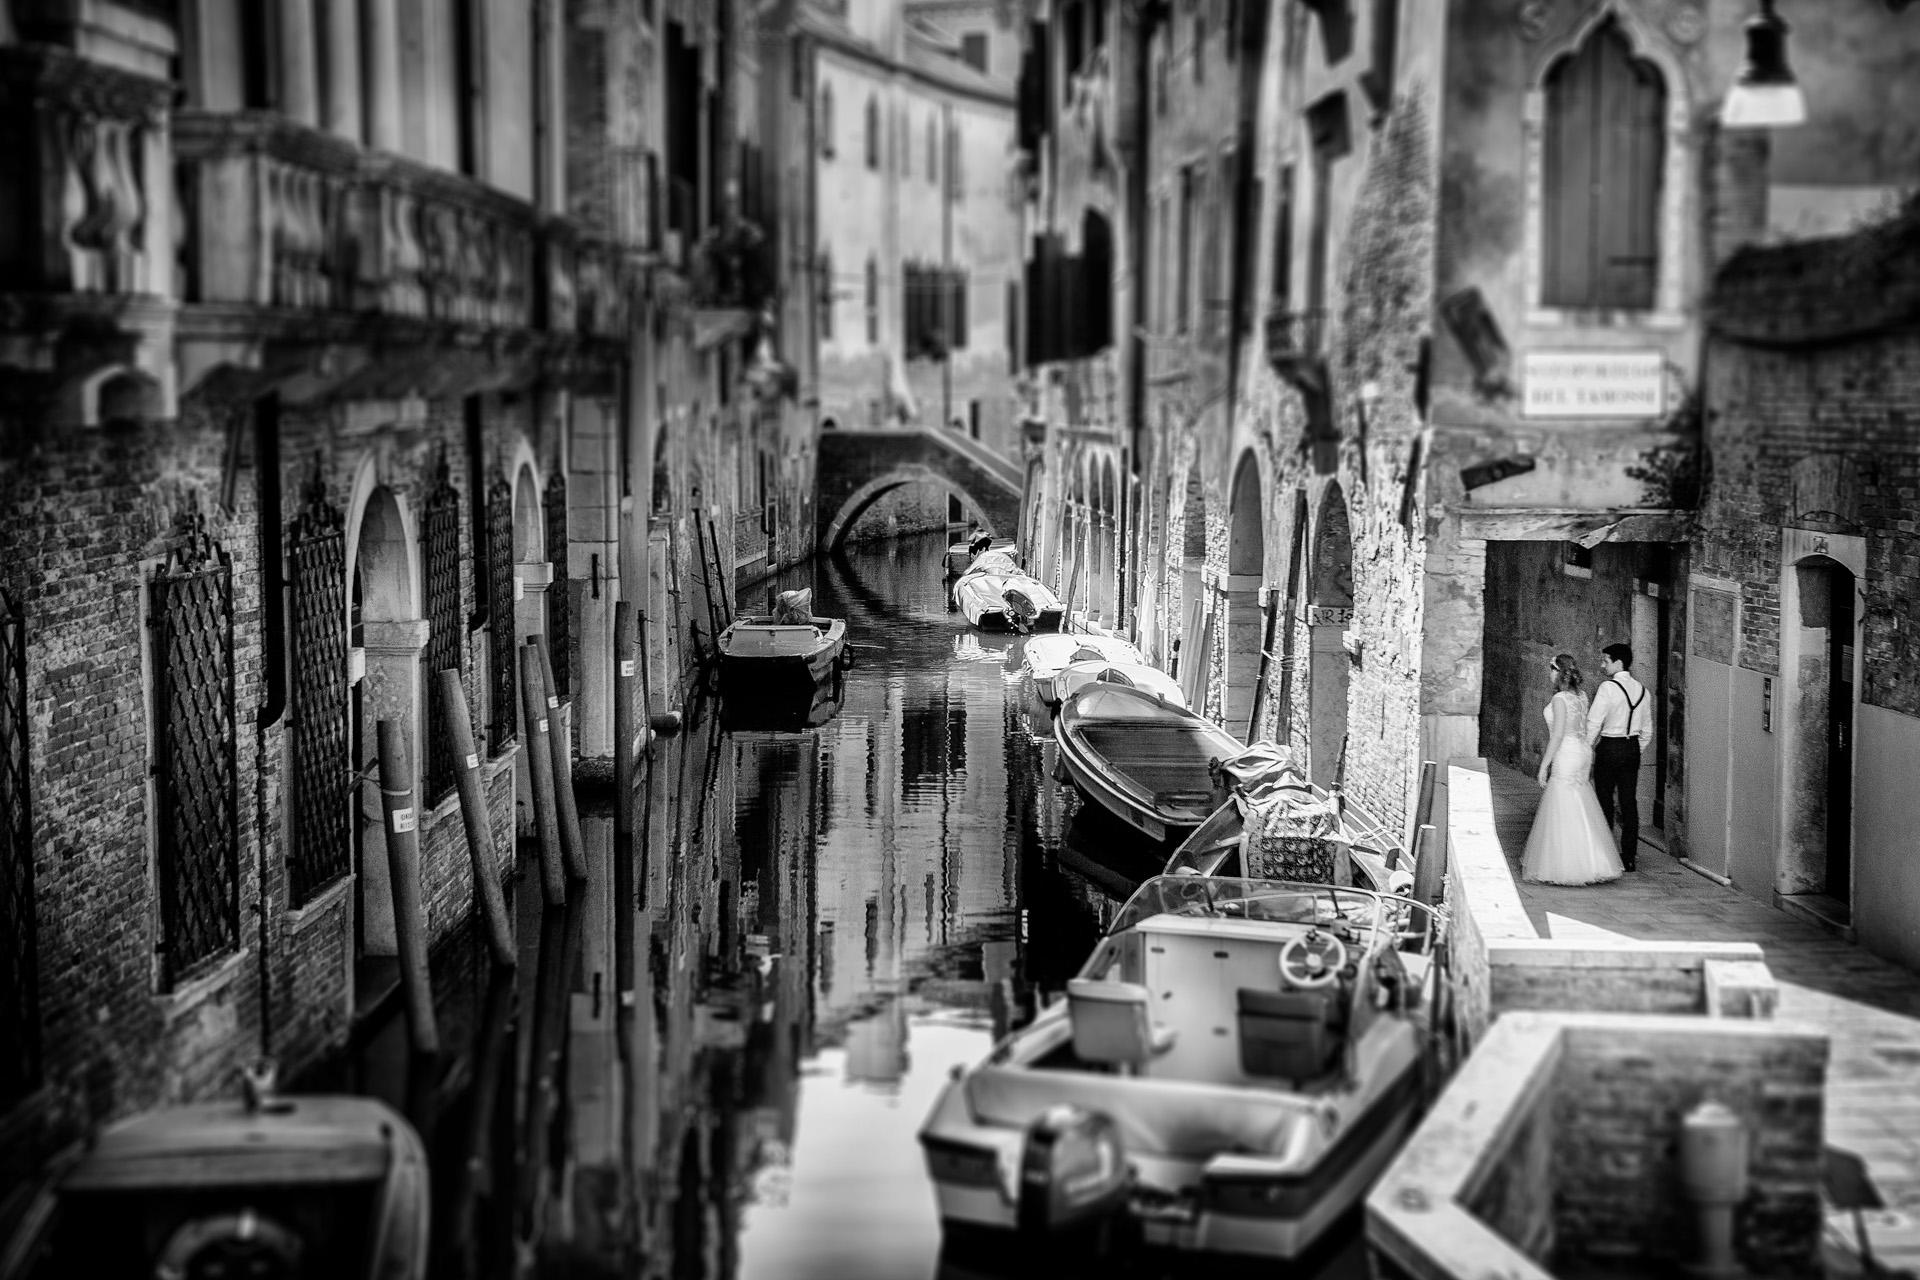 Portrait d'Elopement à Venise, Italie   Suivre les jeunes mariés lors de leur promenade dans les rues étroites pittoresques.